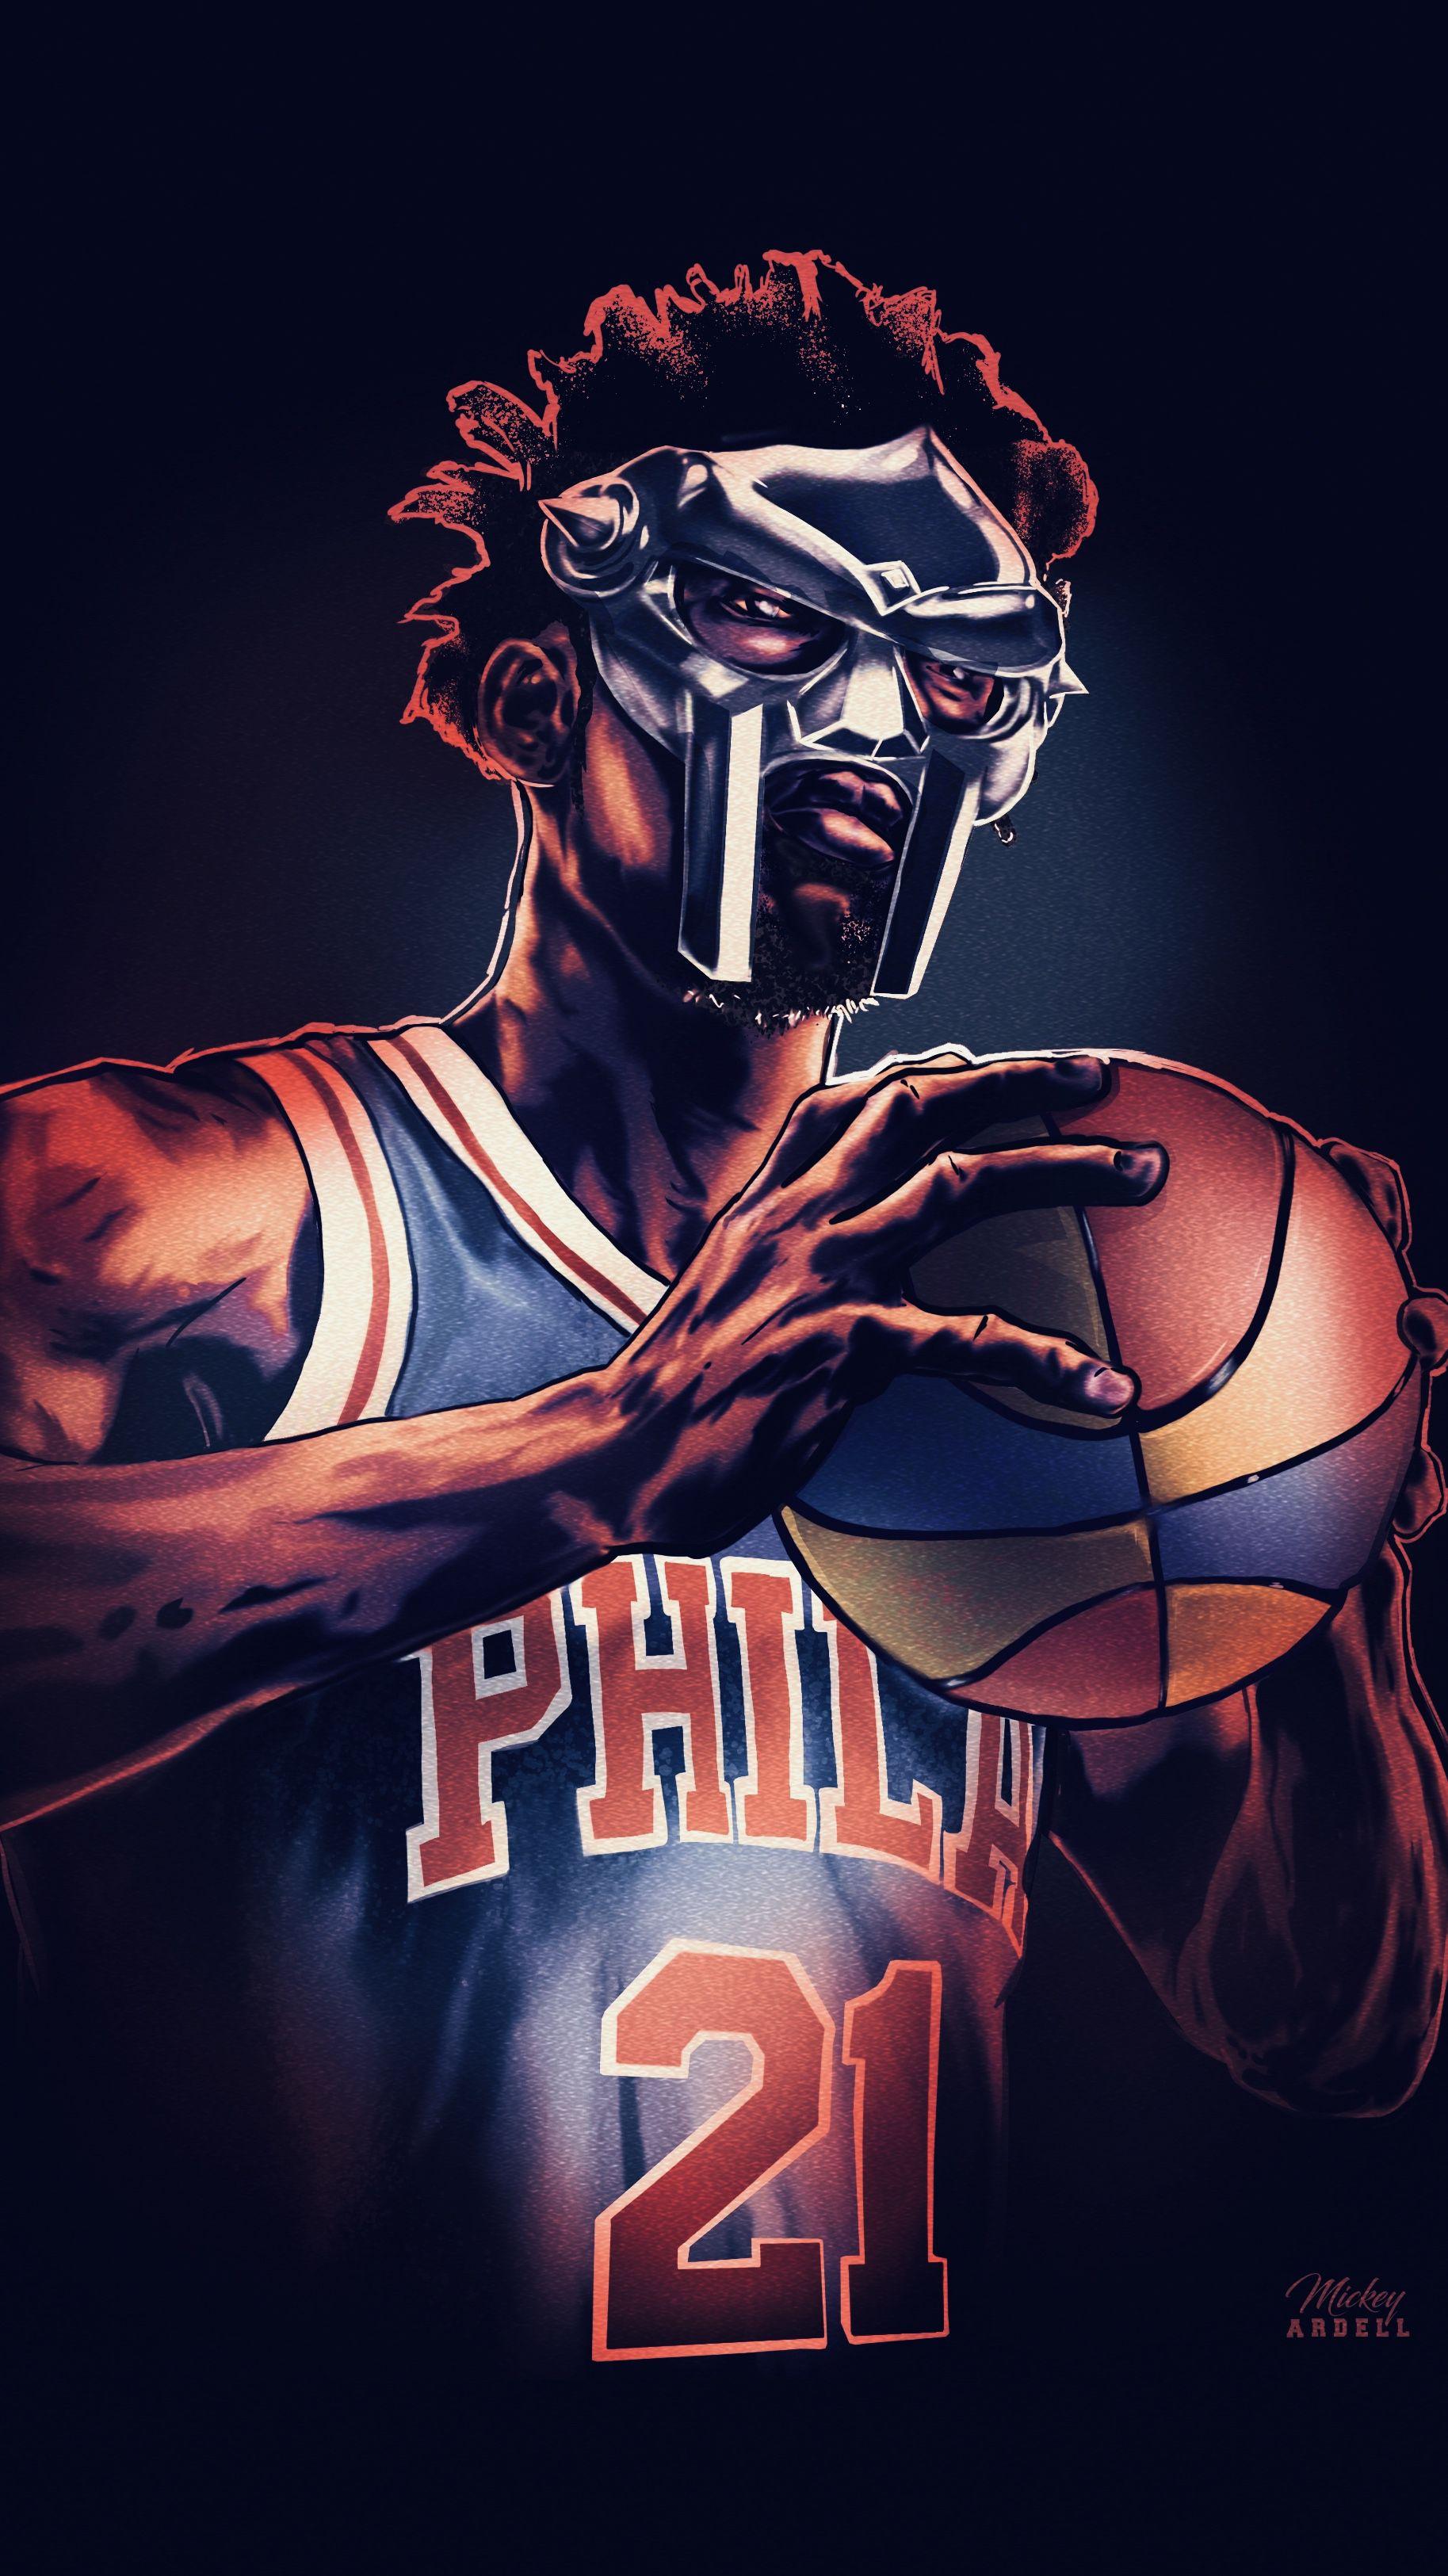 Joel Embiid Mf Doom Nba Hip Hop Art Mvp Basketball Best Nba Players Nba Wallpapers